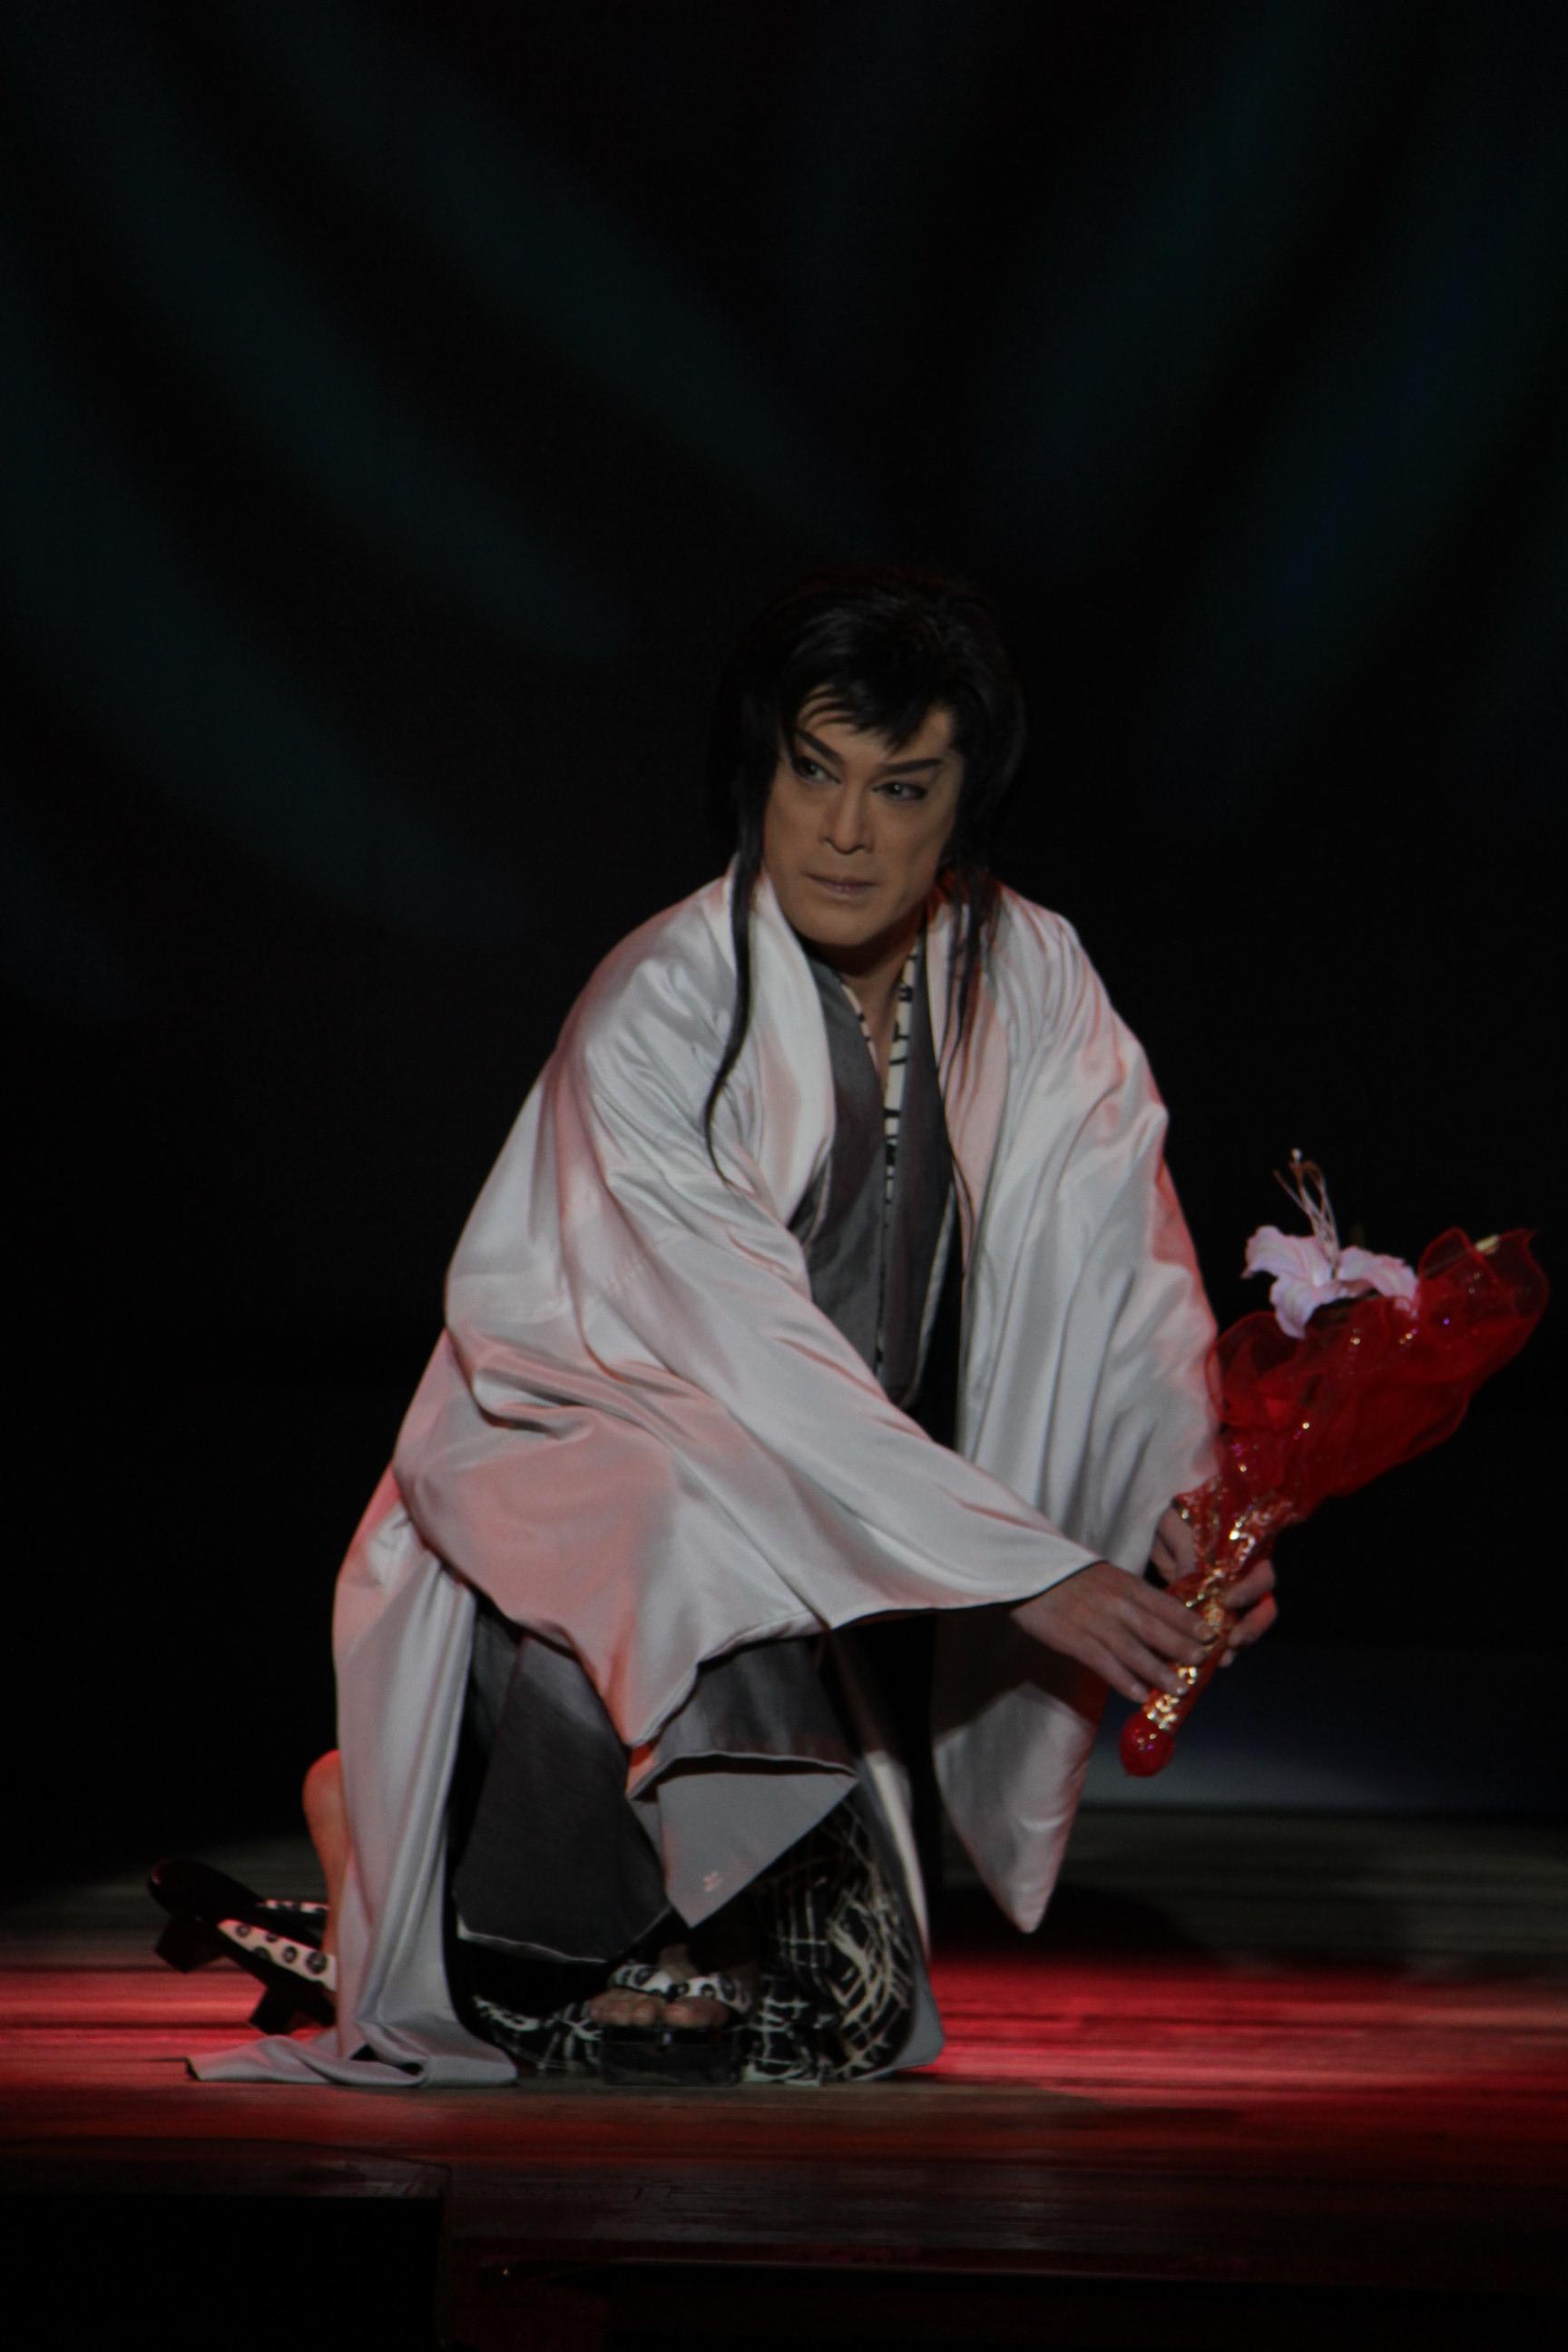 劇団夢の旅 座長 瞳ひろしさん_f0079071_19294843.jpg